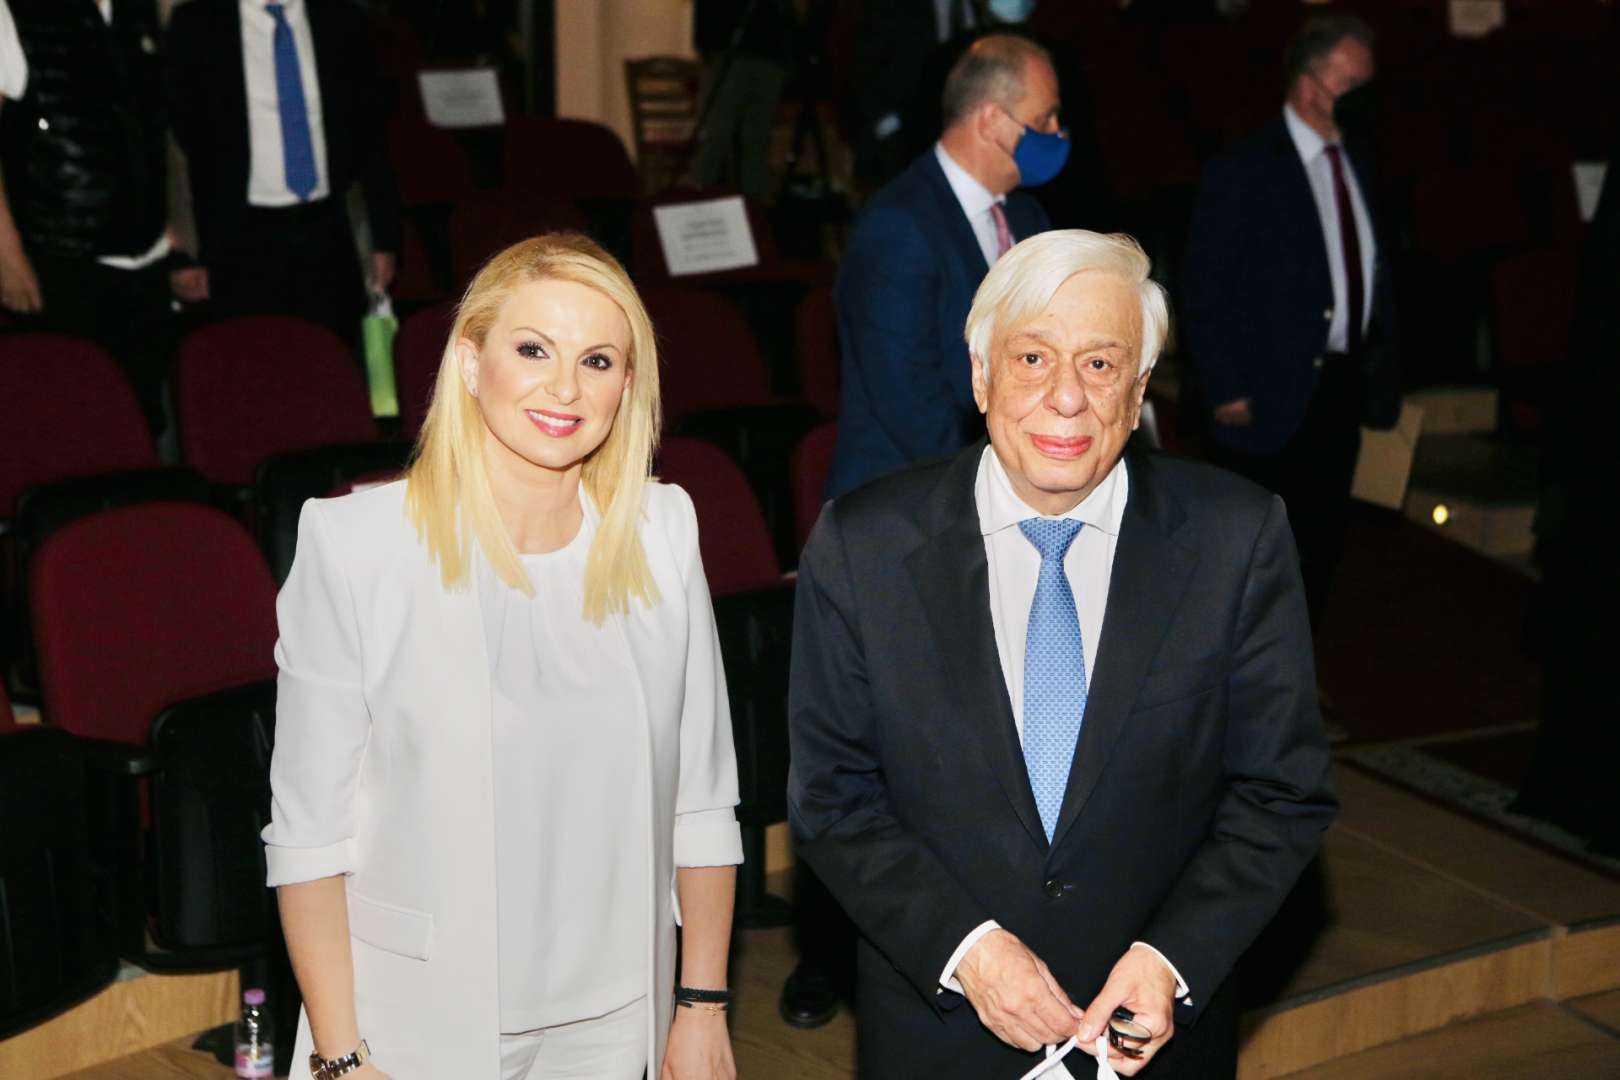 Η συντονίστρια και δημοσιογράφος Μάγδα Τσέγκου με τον τέως Πρόεδρο της Ελληνικής Δημοκρατίας και Ομότιμο Καθηγητή της Νομικής Σχολής του Εθνικού Καποδιστριακού Πανεπιστημίου Αθηνών κ. Προκόπιο Παυλόπουλο